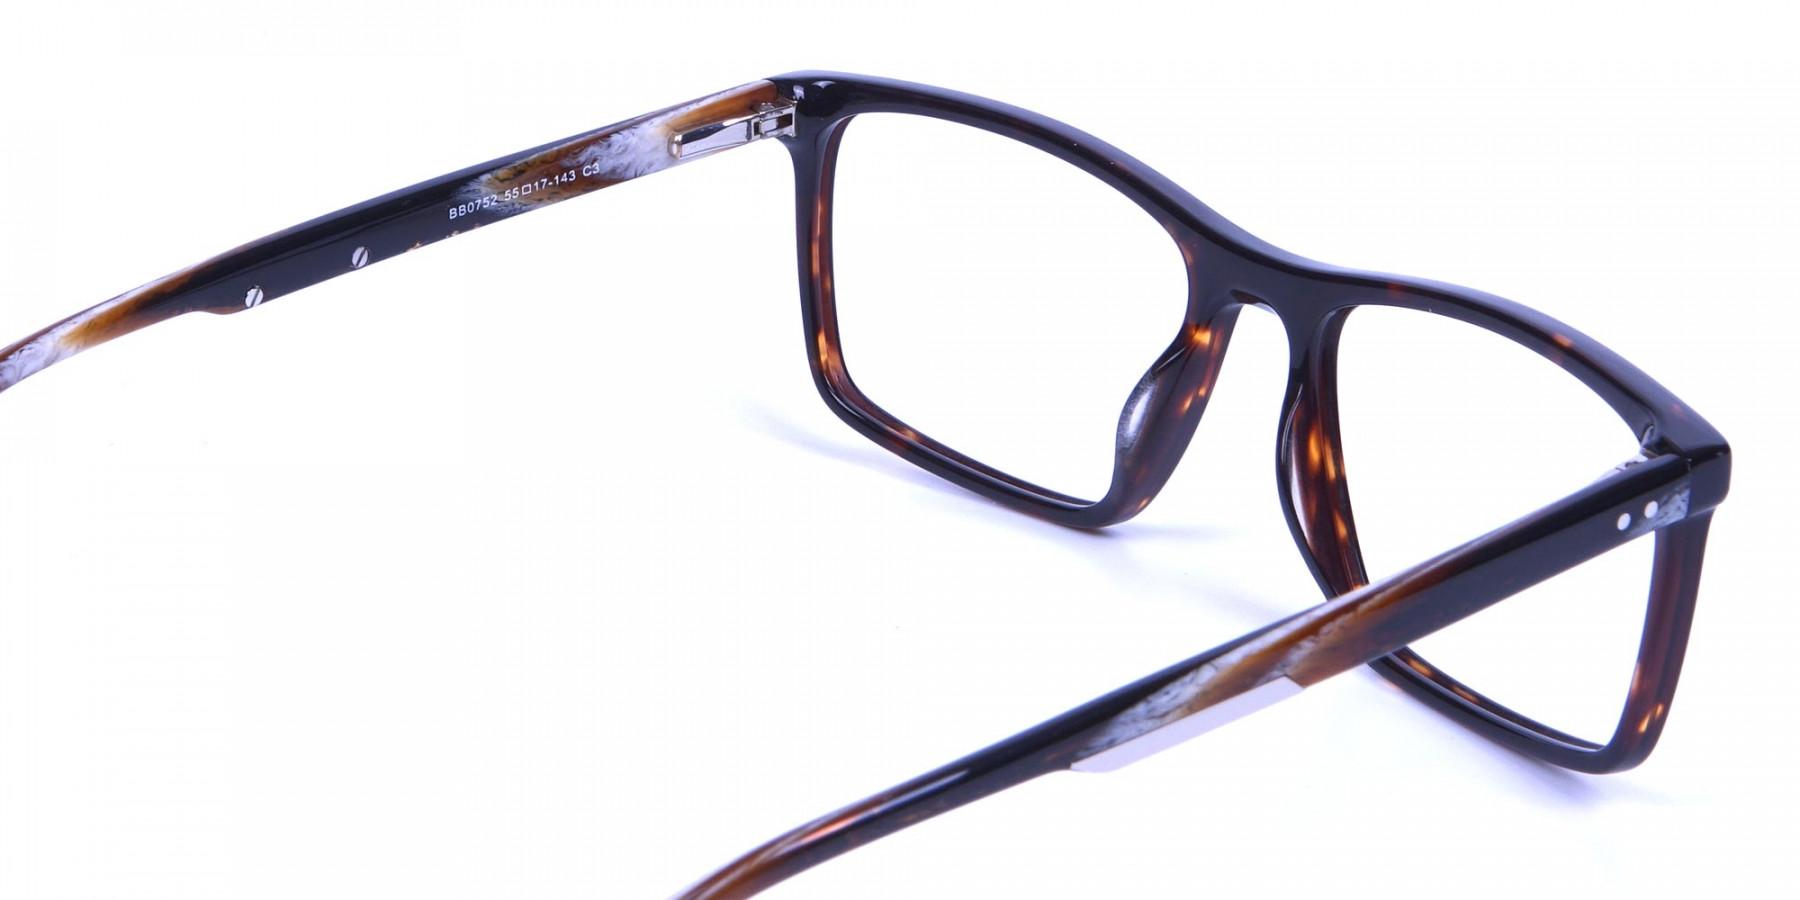 Rectangular glasses in tortoise shell for men & women